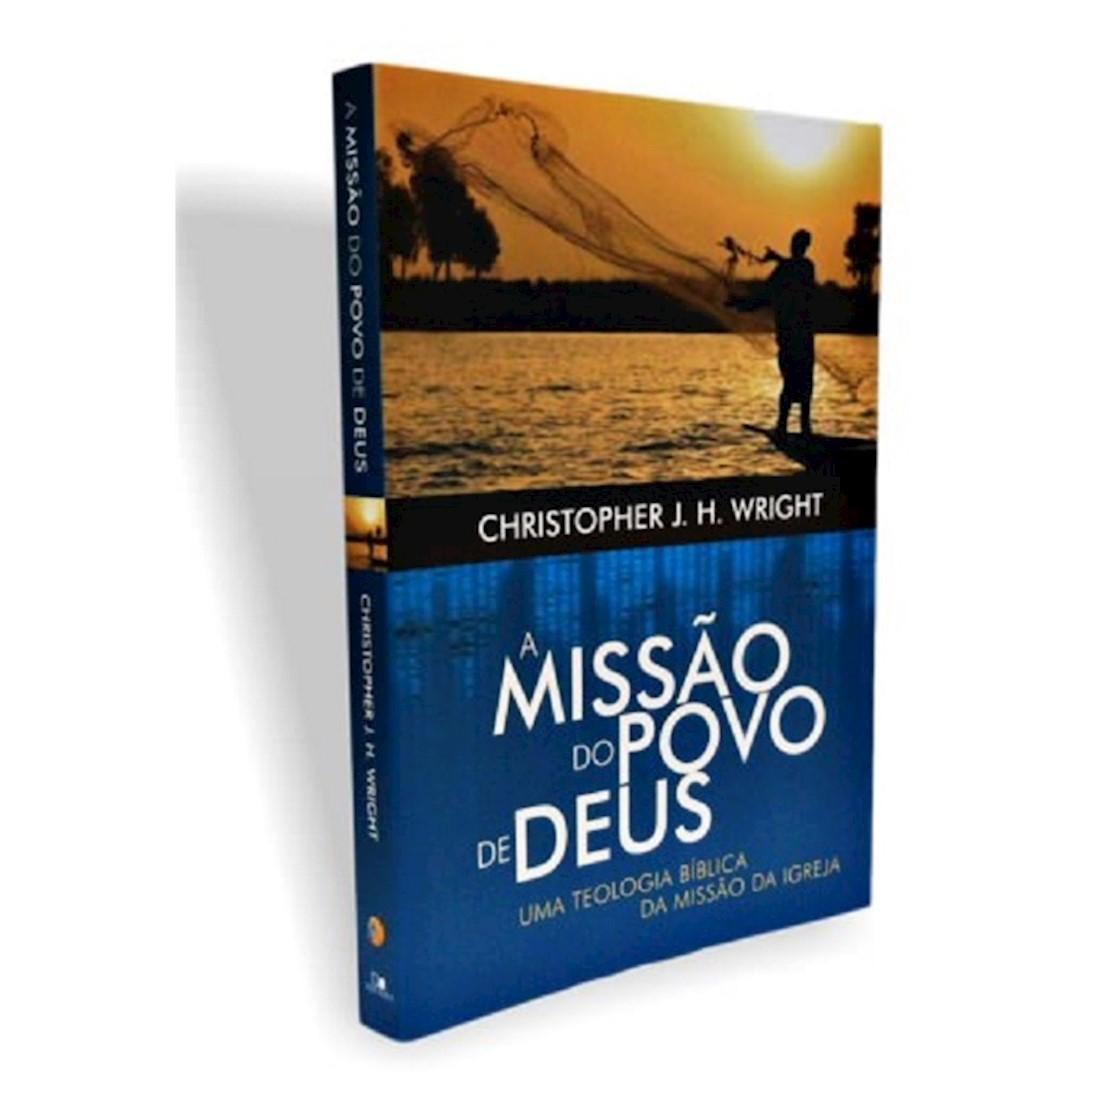 Livro A Missão do Povo de Deus